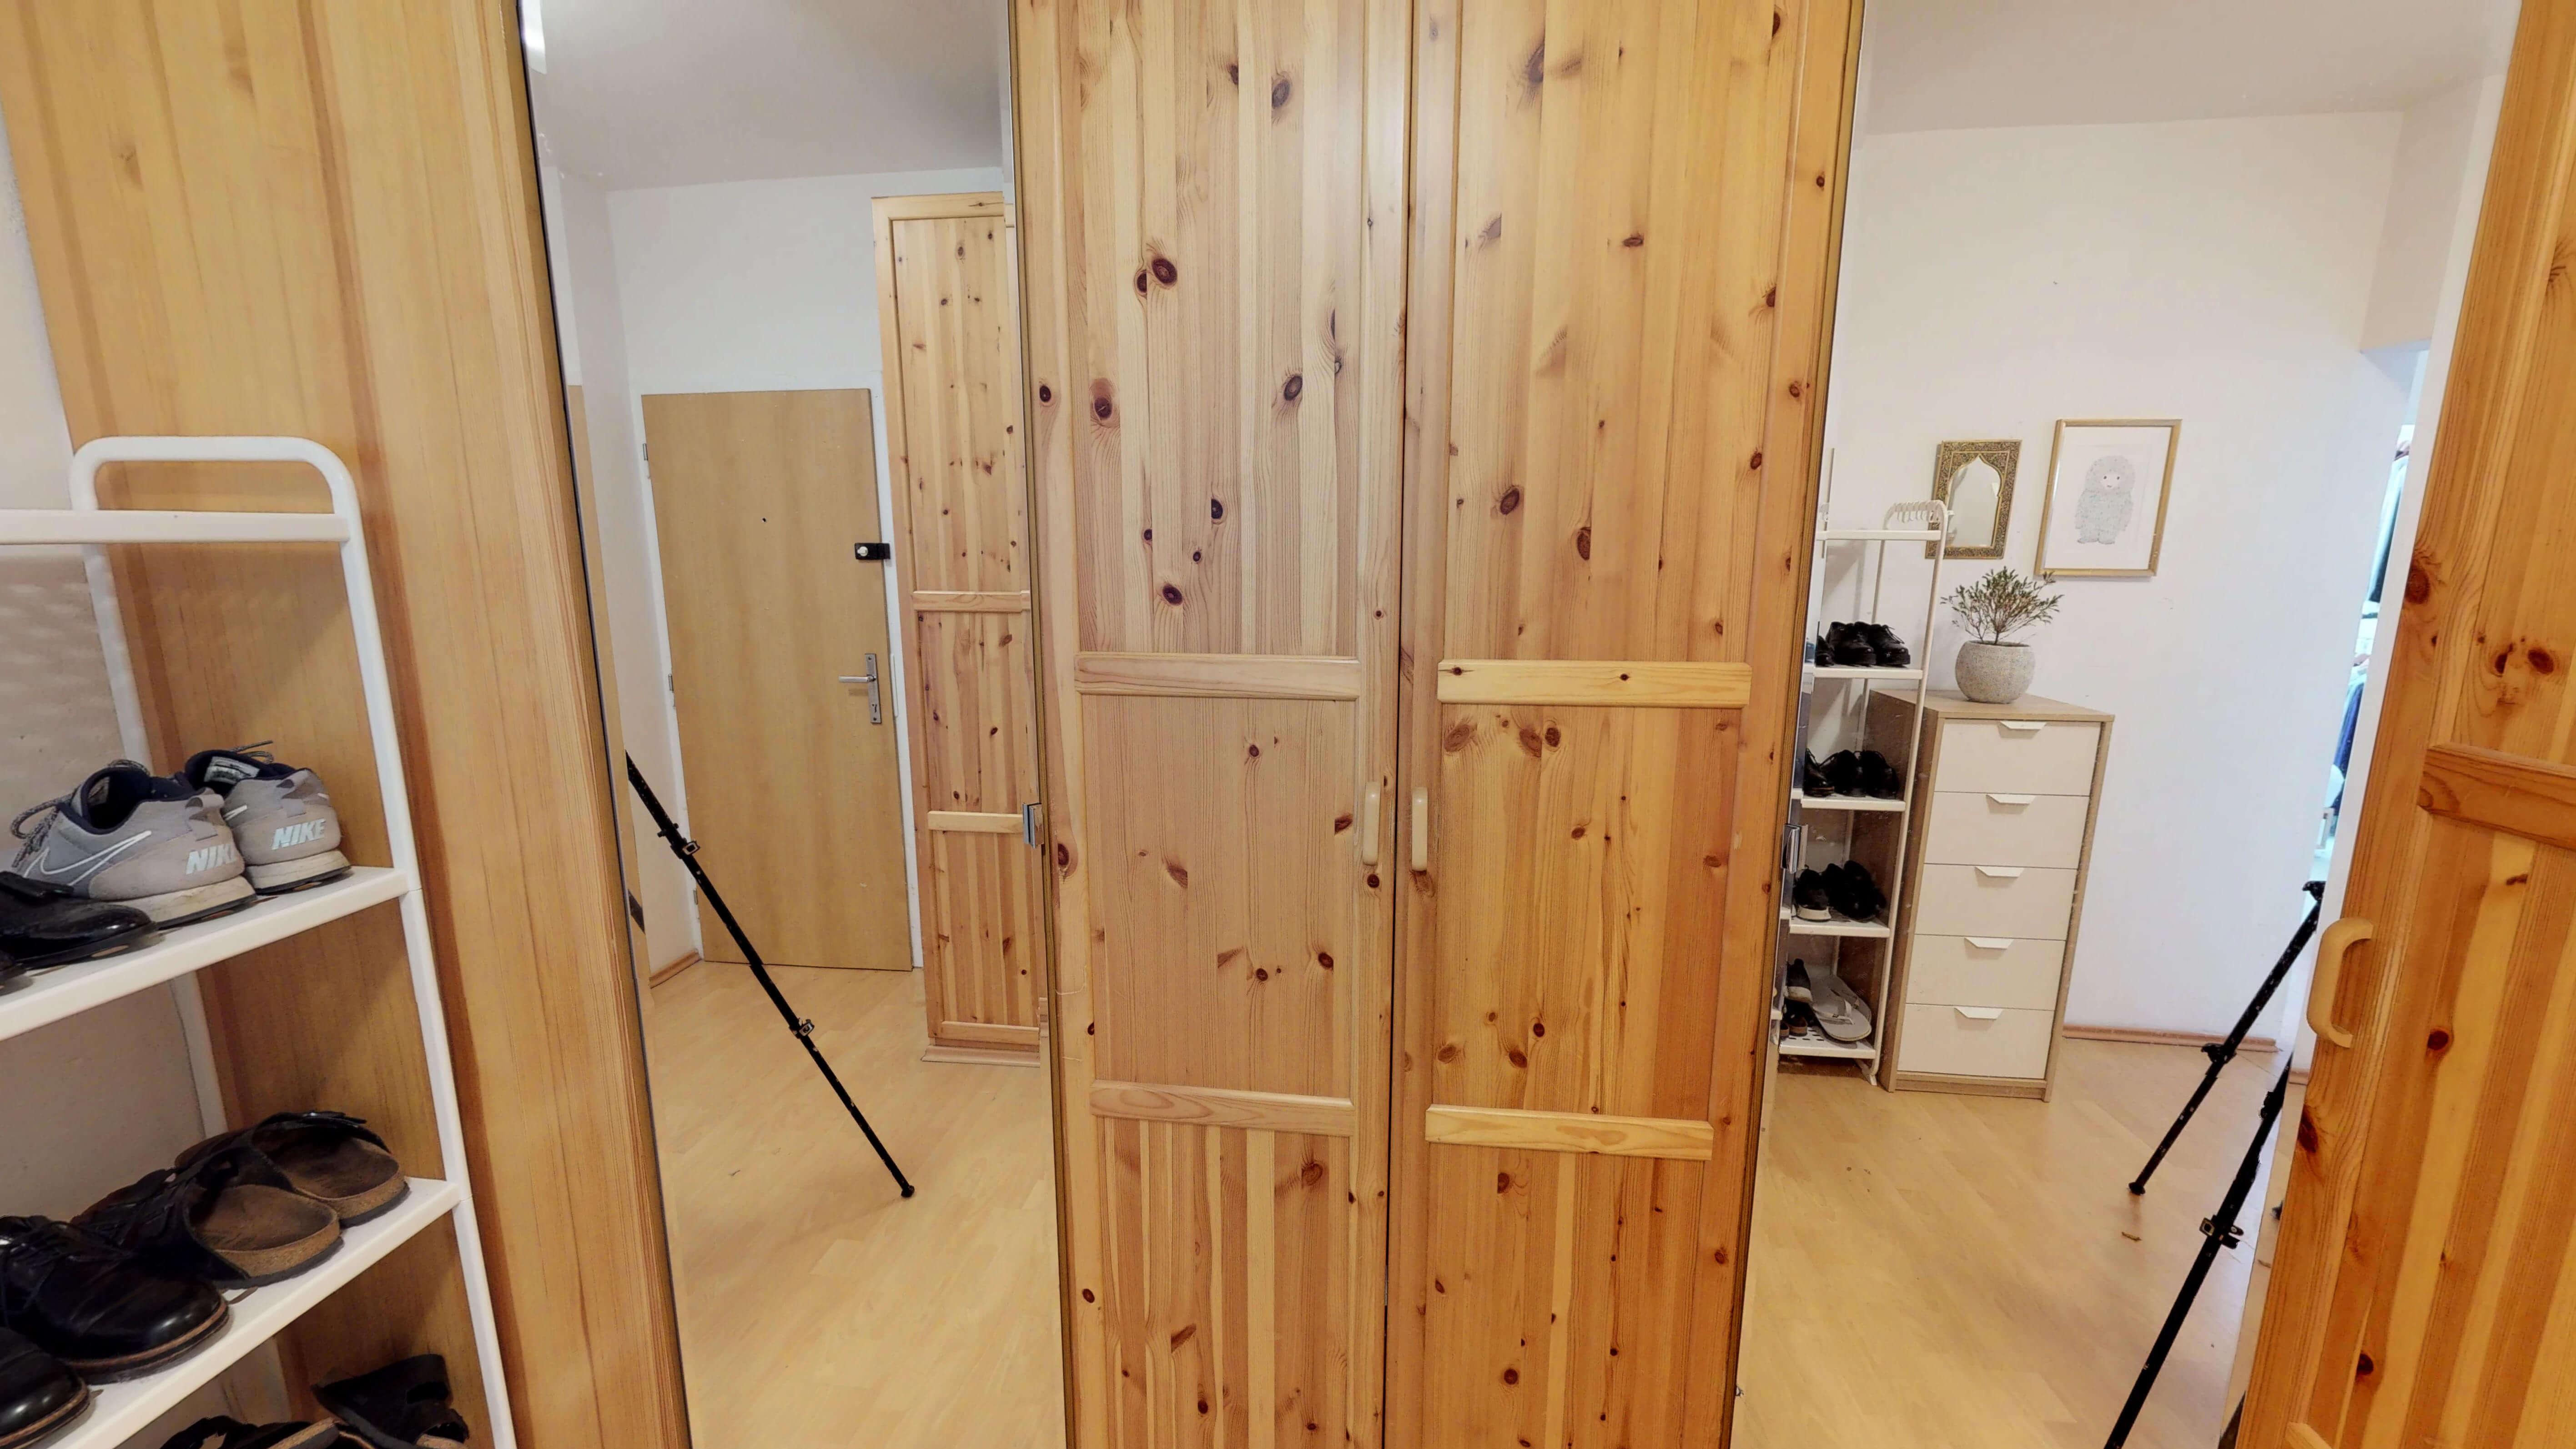 Predané Predaj exkluzívneho 3 izb. bytu,v Ružinove, ulica Palkovičová, blízko Trhoviska Miletičky v Bratislave, 68m2, kompletne zariadený-36